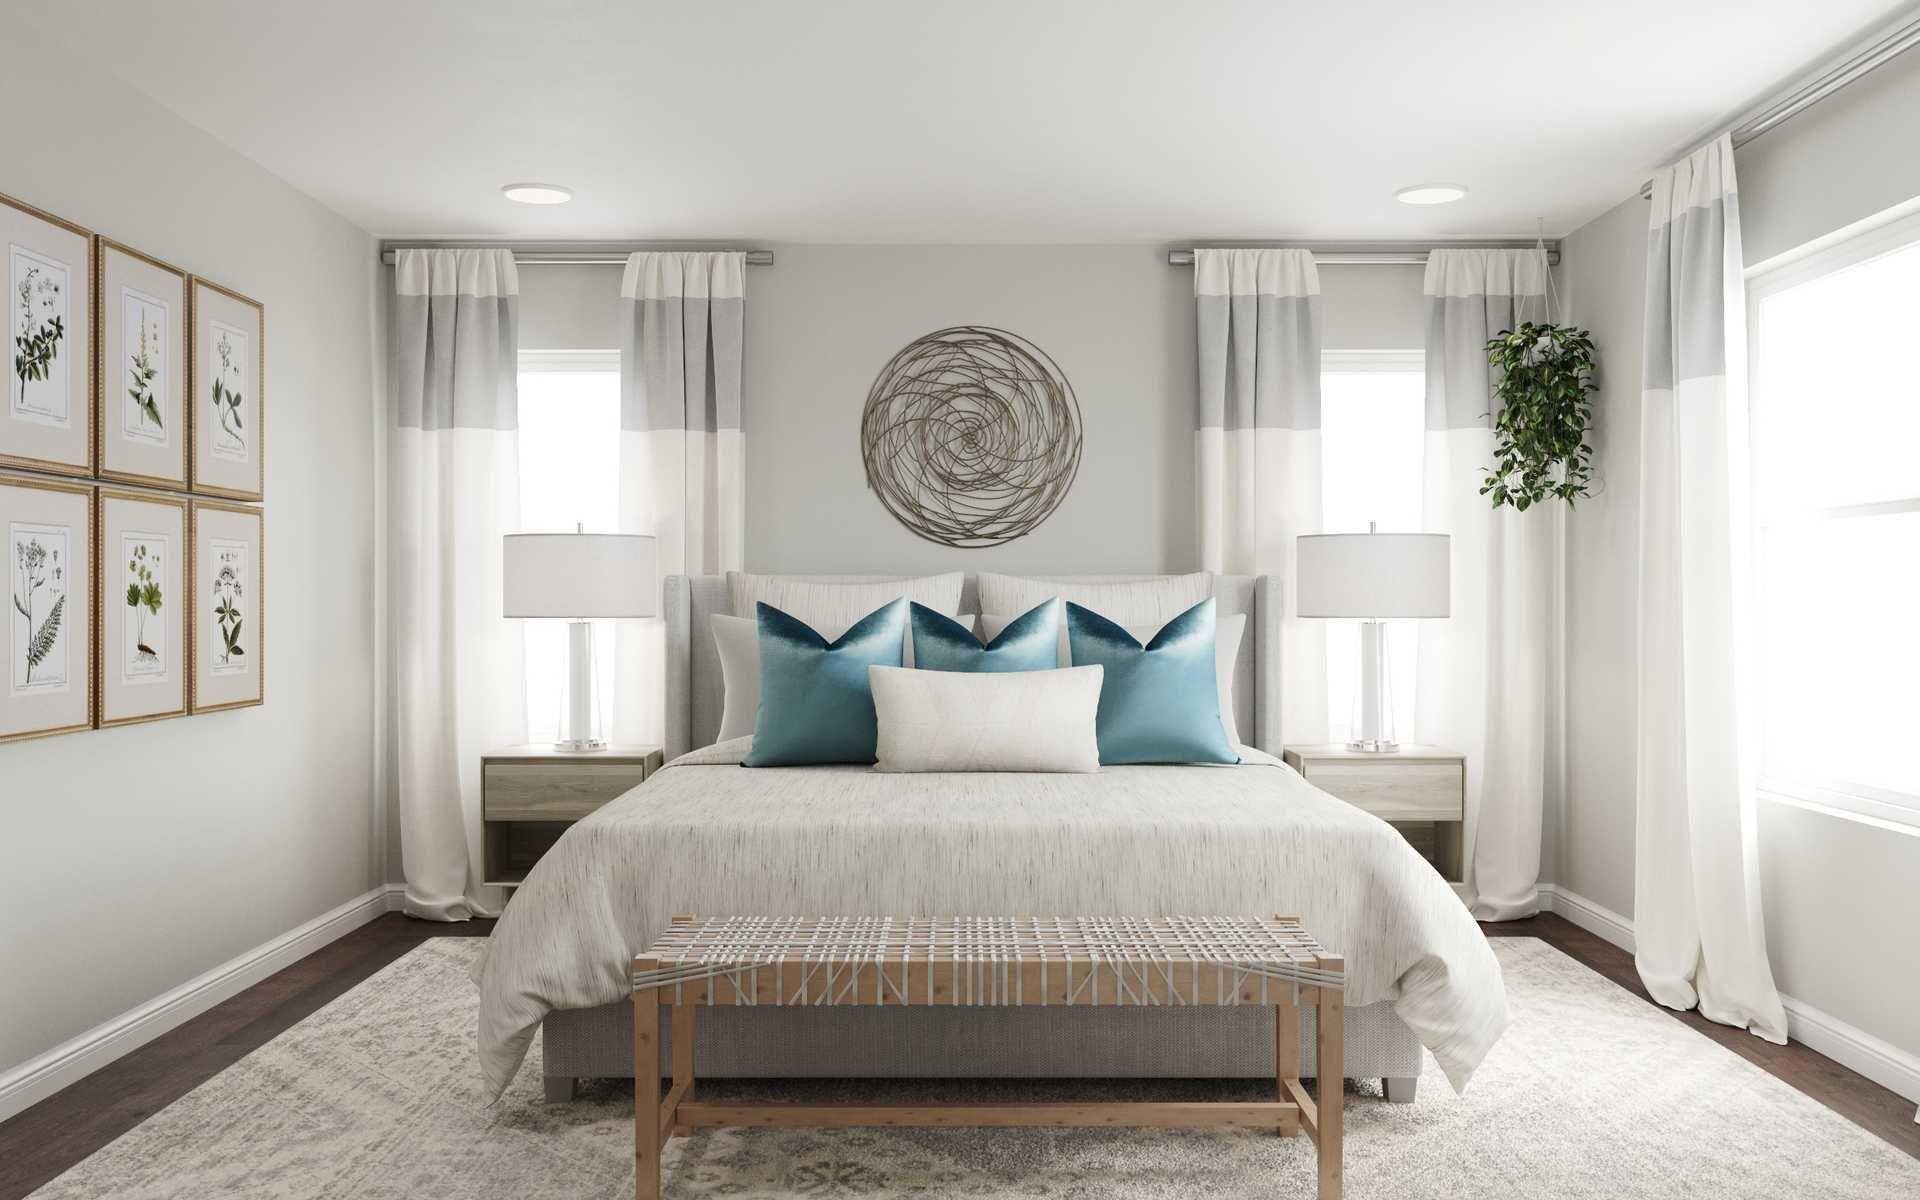 Contemporary Coastal Bedroom Design By Havenly Interior Designer Fendy Interior Design Bedroom Design Coastal Room